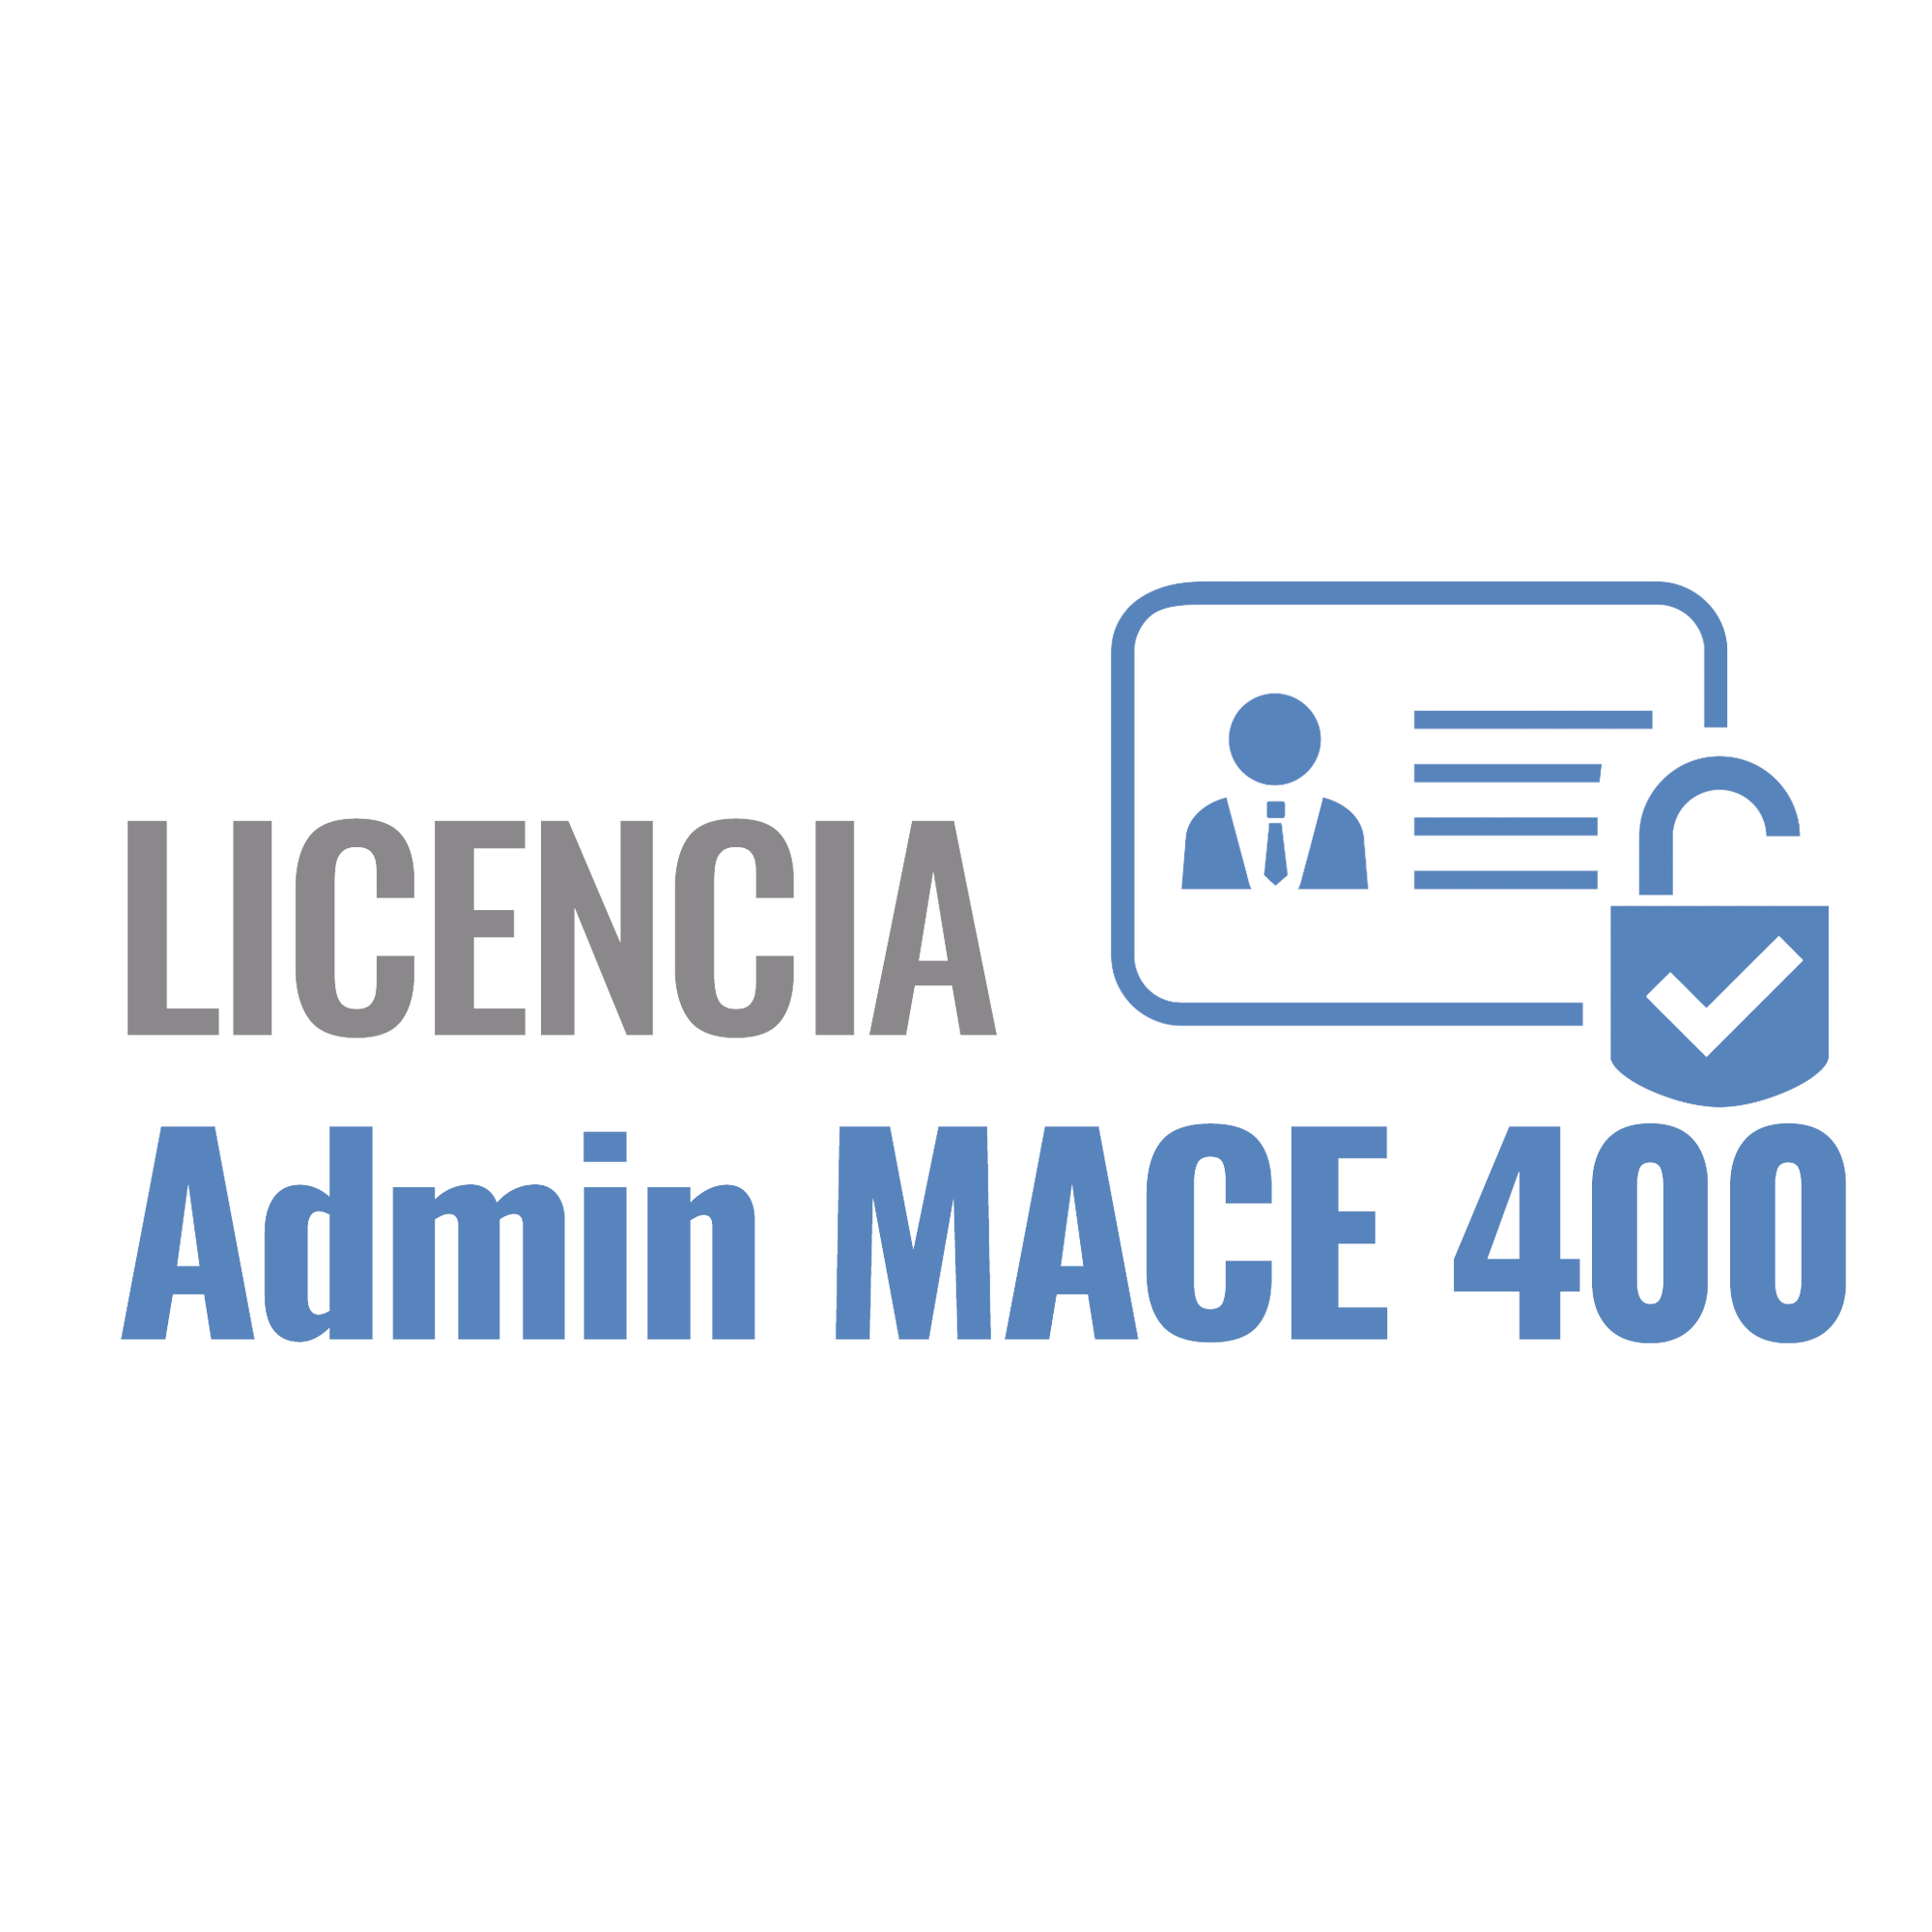 Paquete de 400 tarjetas virtuales y servicio de administracion (licencia de 1 año)